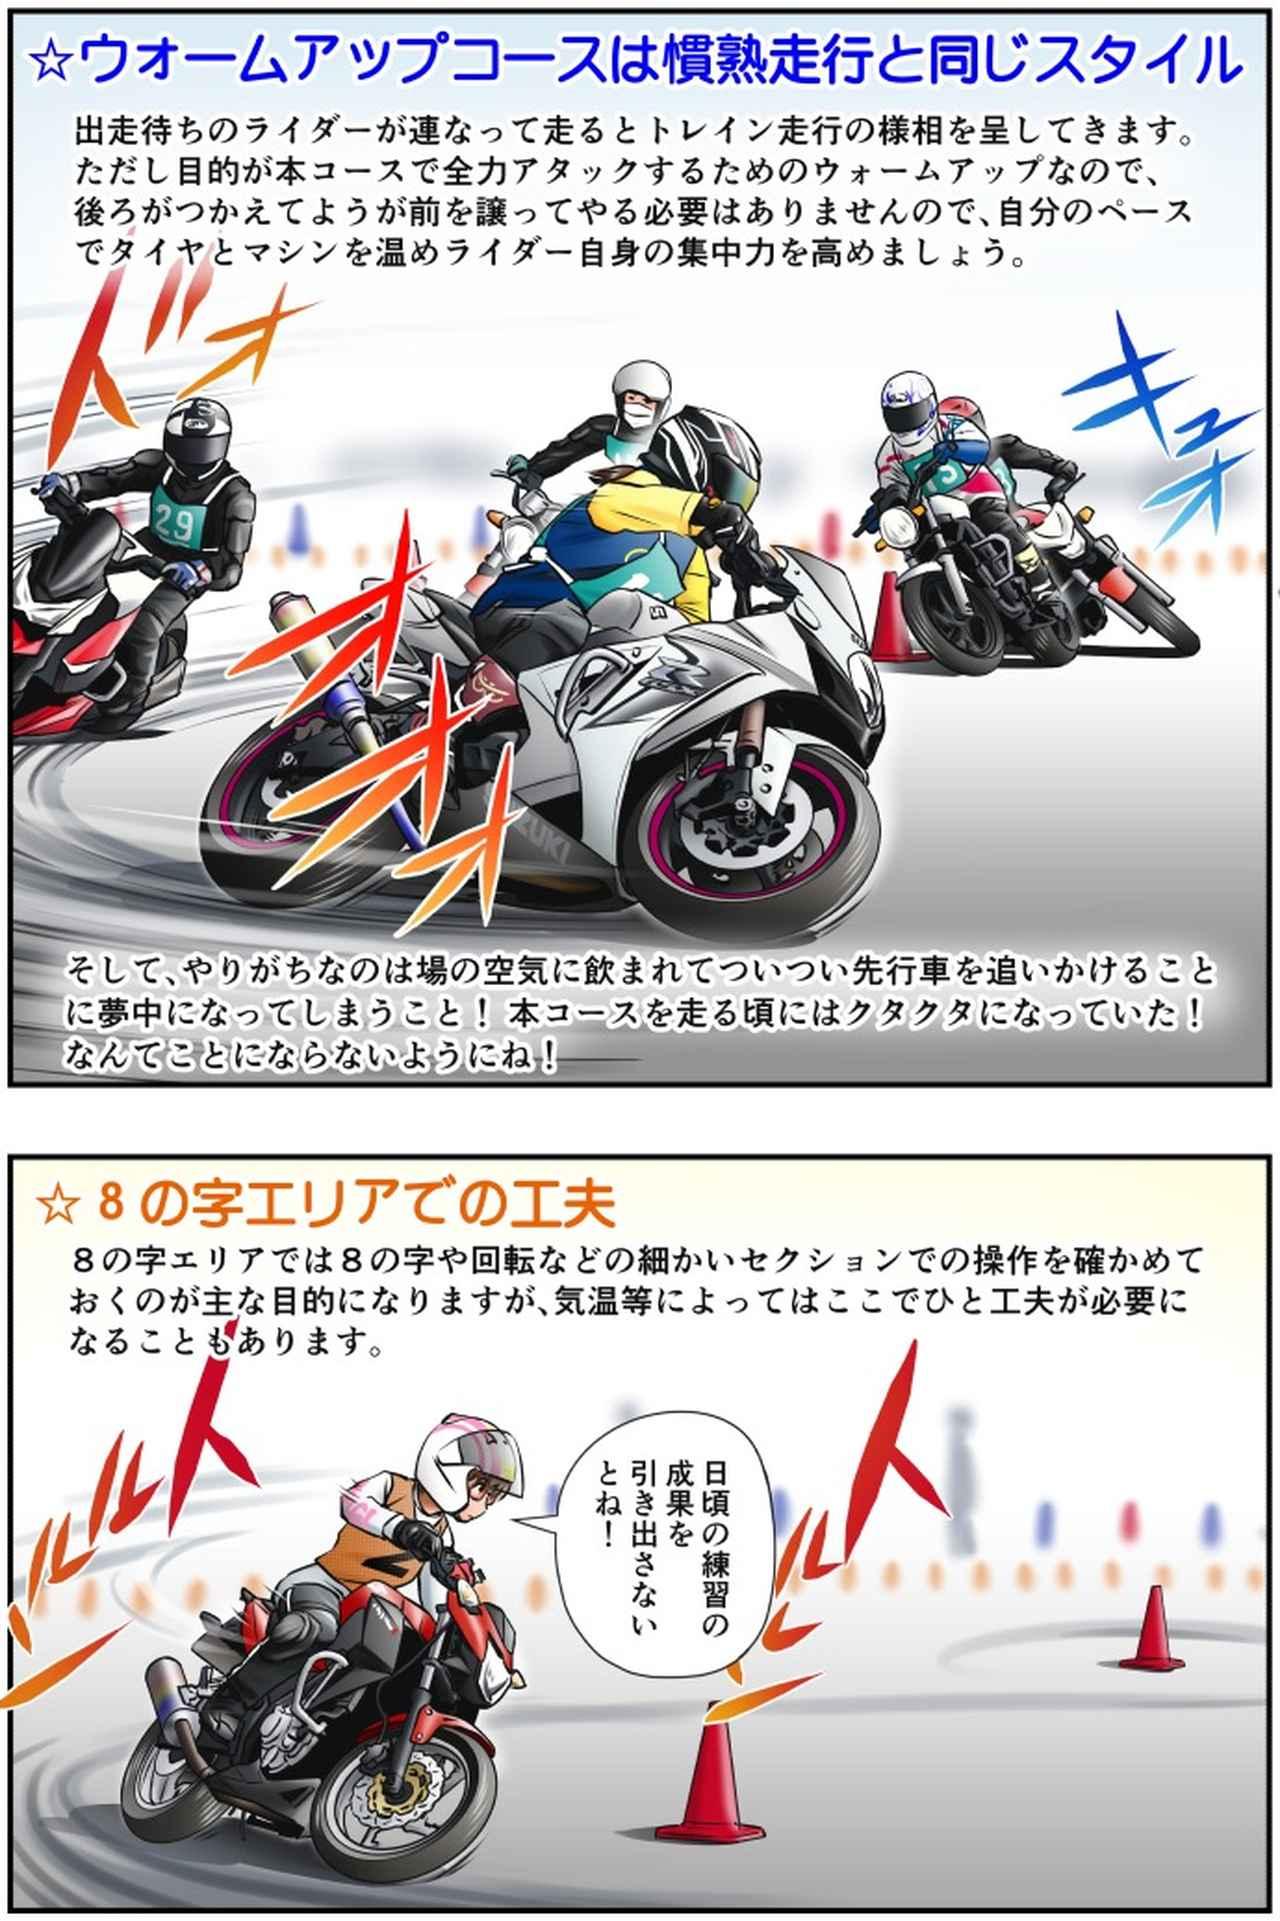 画像2: Motoジム! おまけのコーナー (大会のウォームアップで気をつけたいこと!)  作・ばどみゅーみん